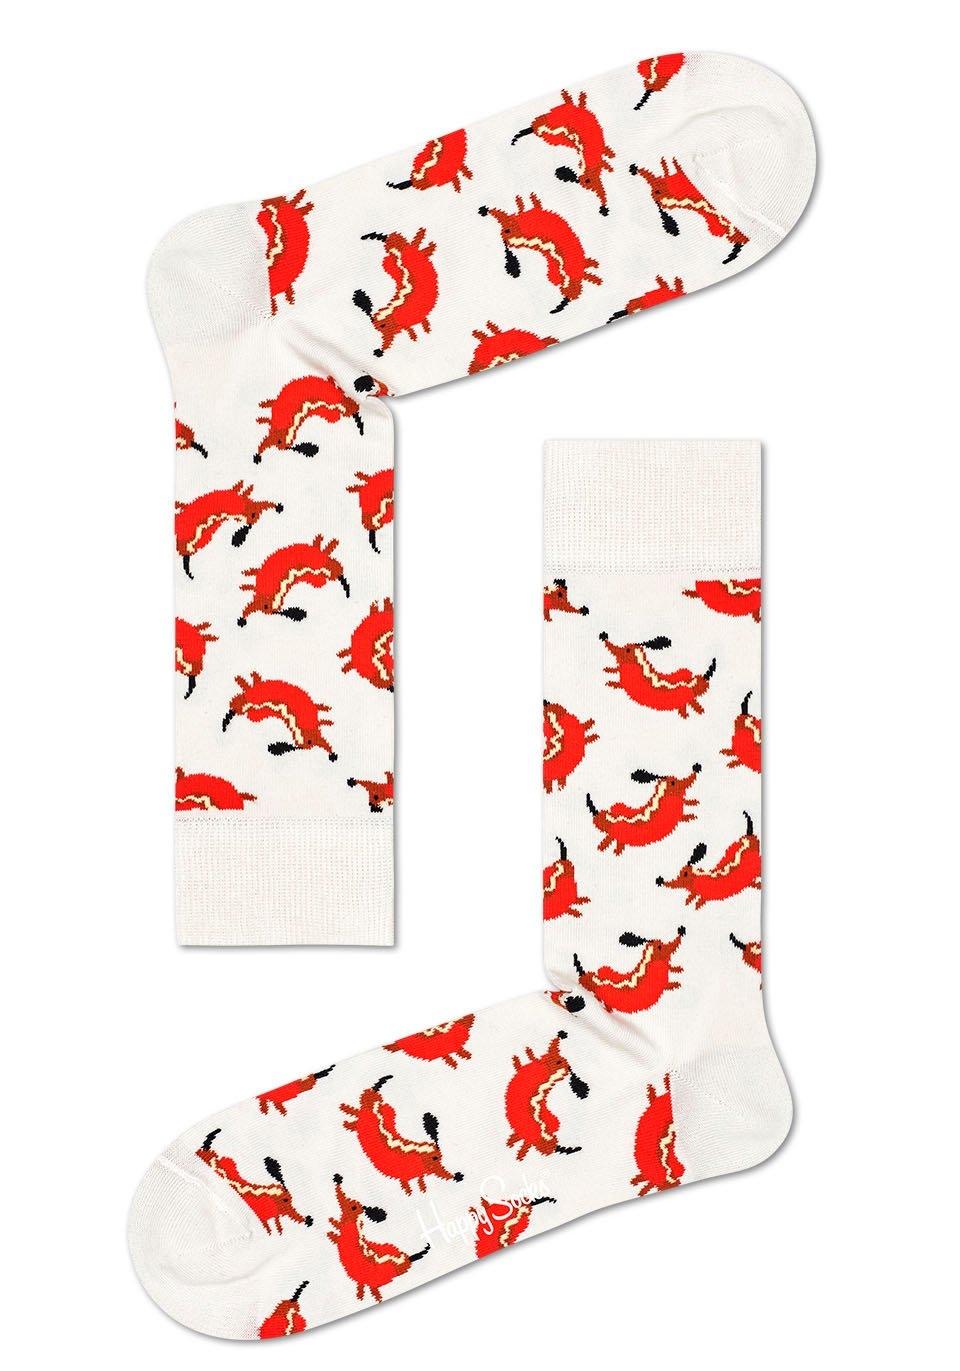 Happy Socks sokken Hot Dog Dog met leuke hond in hotdogmotieven - gratis ruilen op lascana.nl